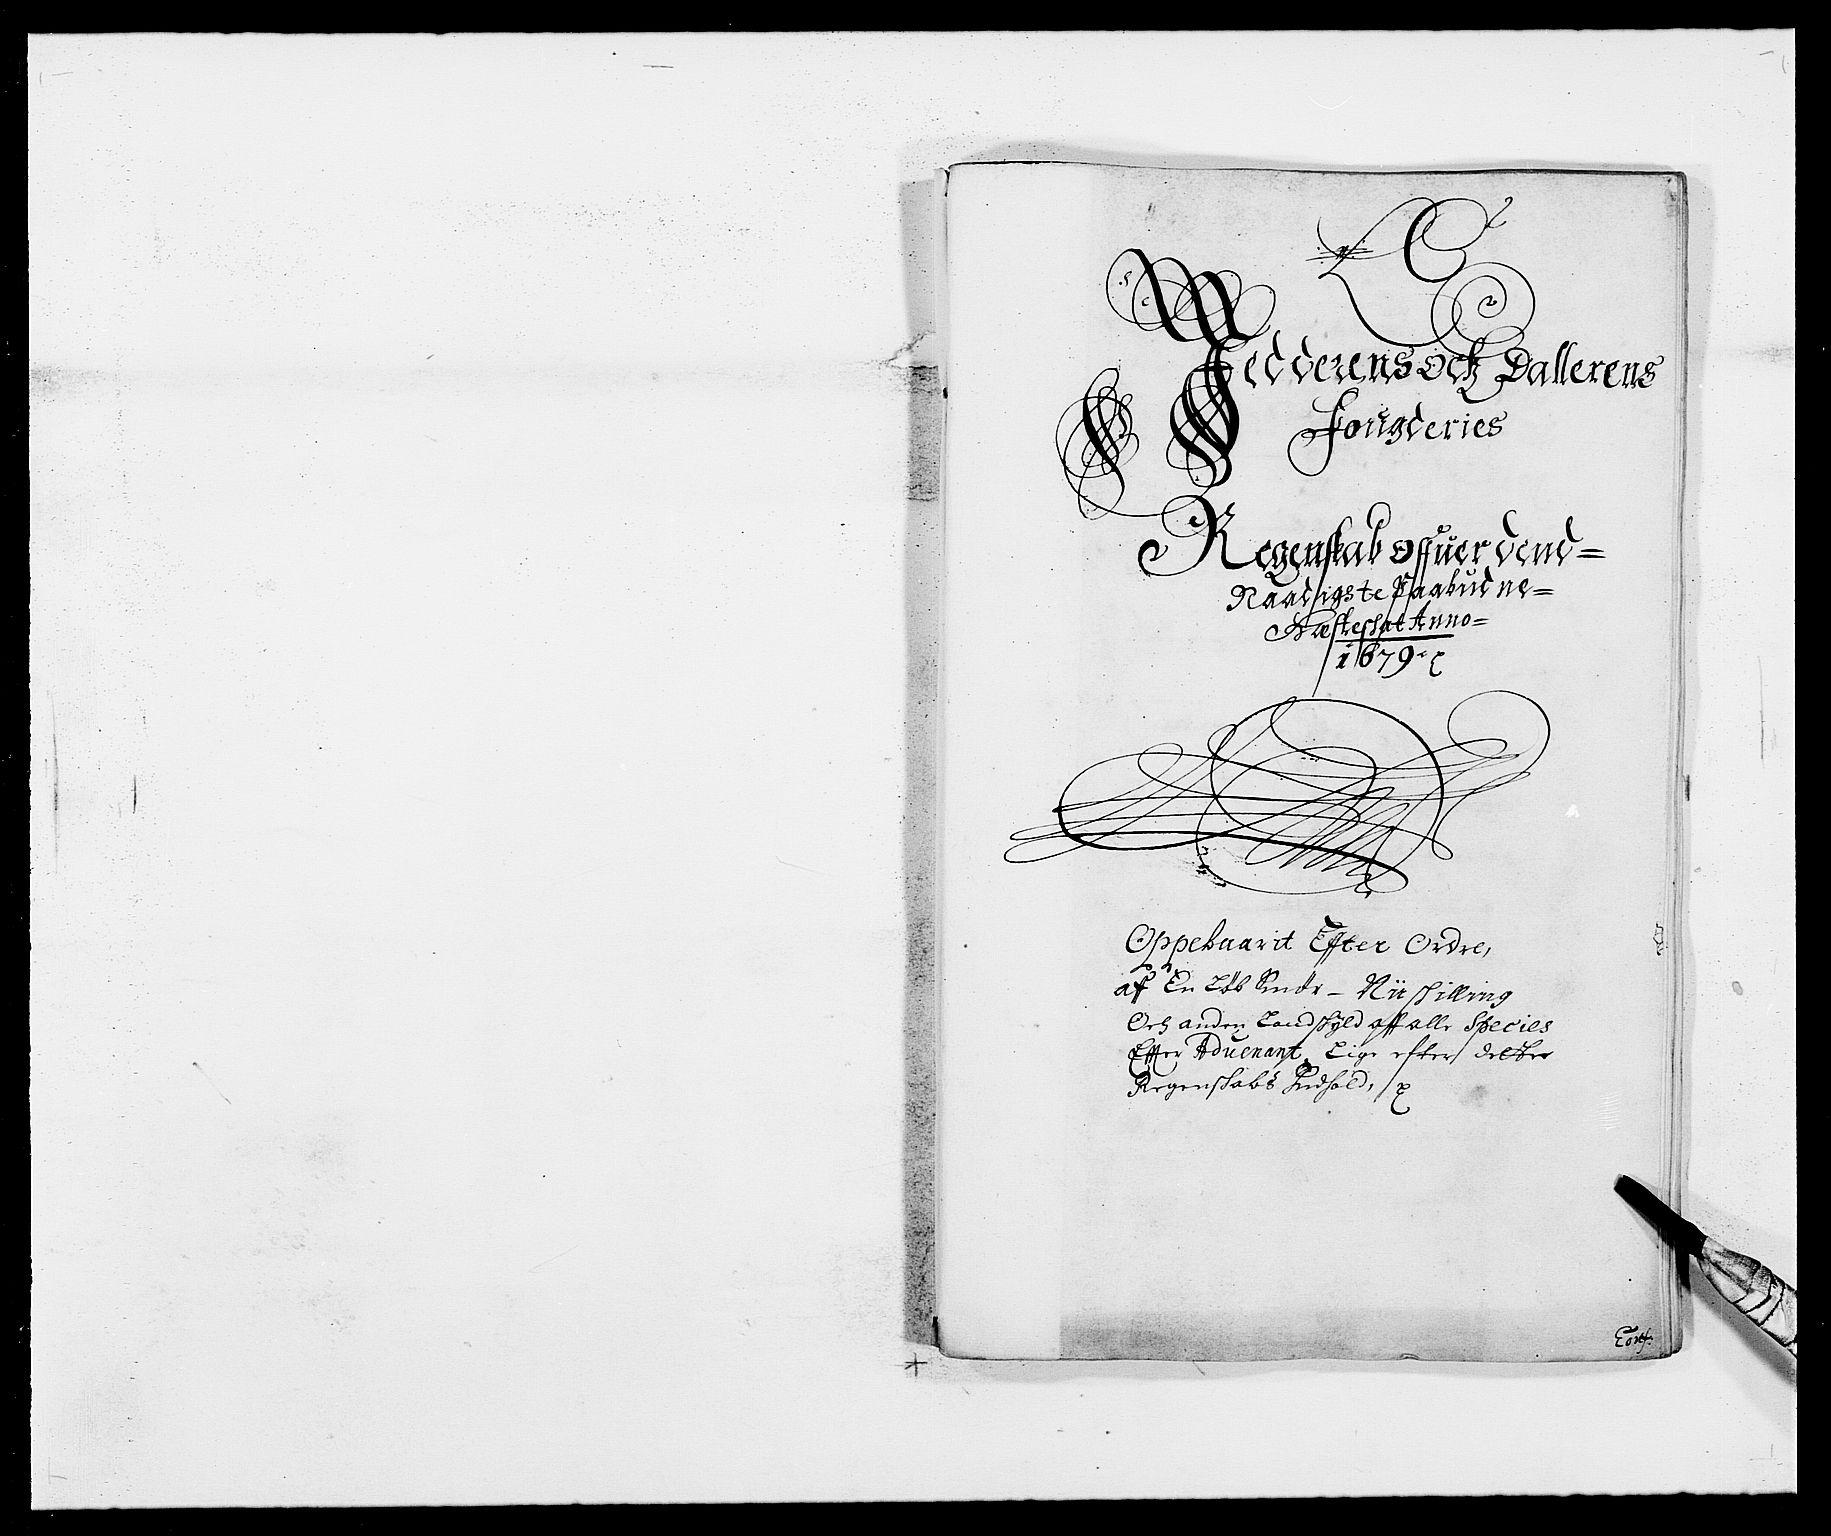 RA, Rentekammeret inntil 1814, Reviderte regnskaper, Fogderegnskap, R46/L2719: Fogderegnskap Jæren og Dalane, 1679, s. 71